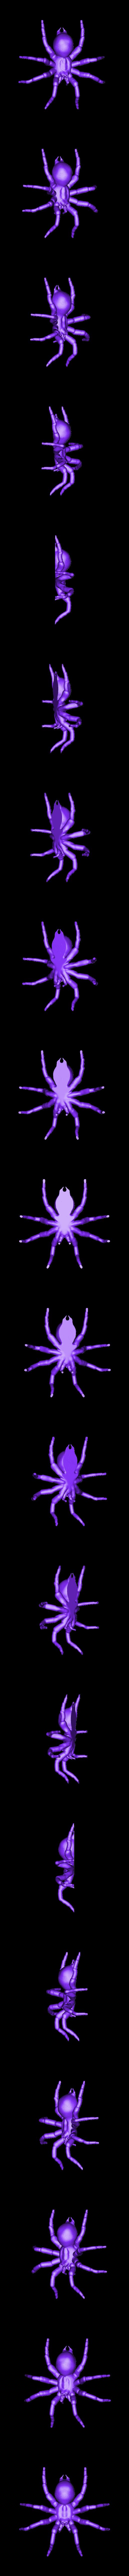 tarantula.stl Télécharger fichier OBJ gratuit Araignée • Modèle à imprimer en 3D, Pza4Rza